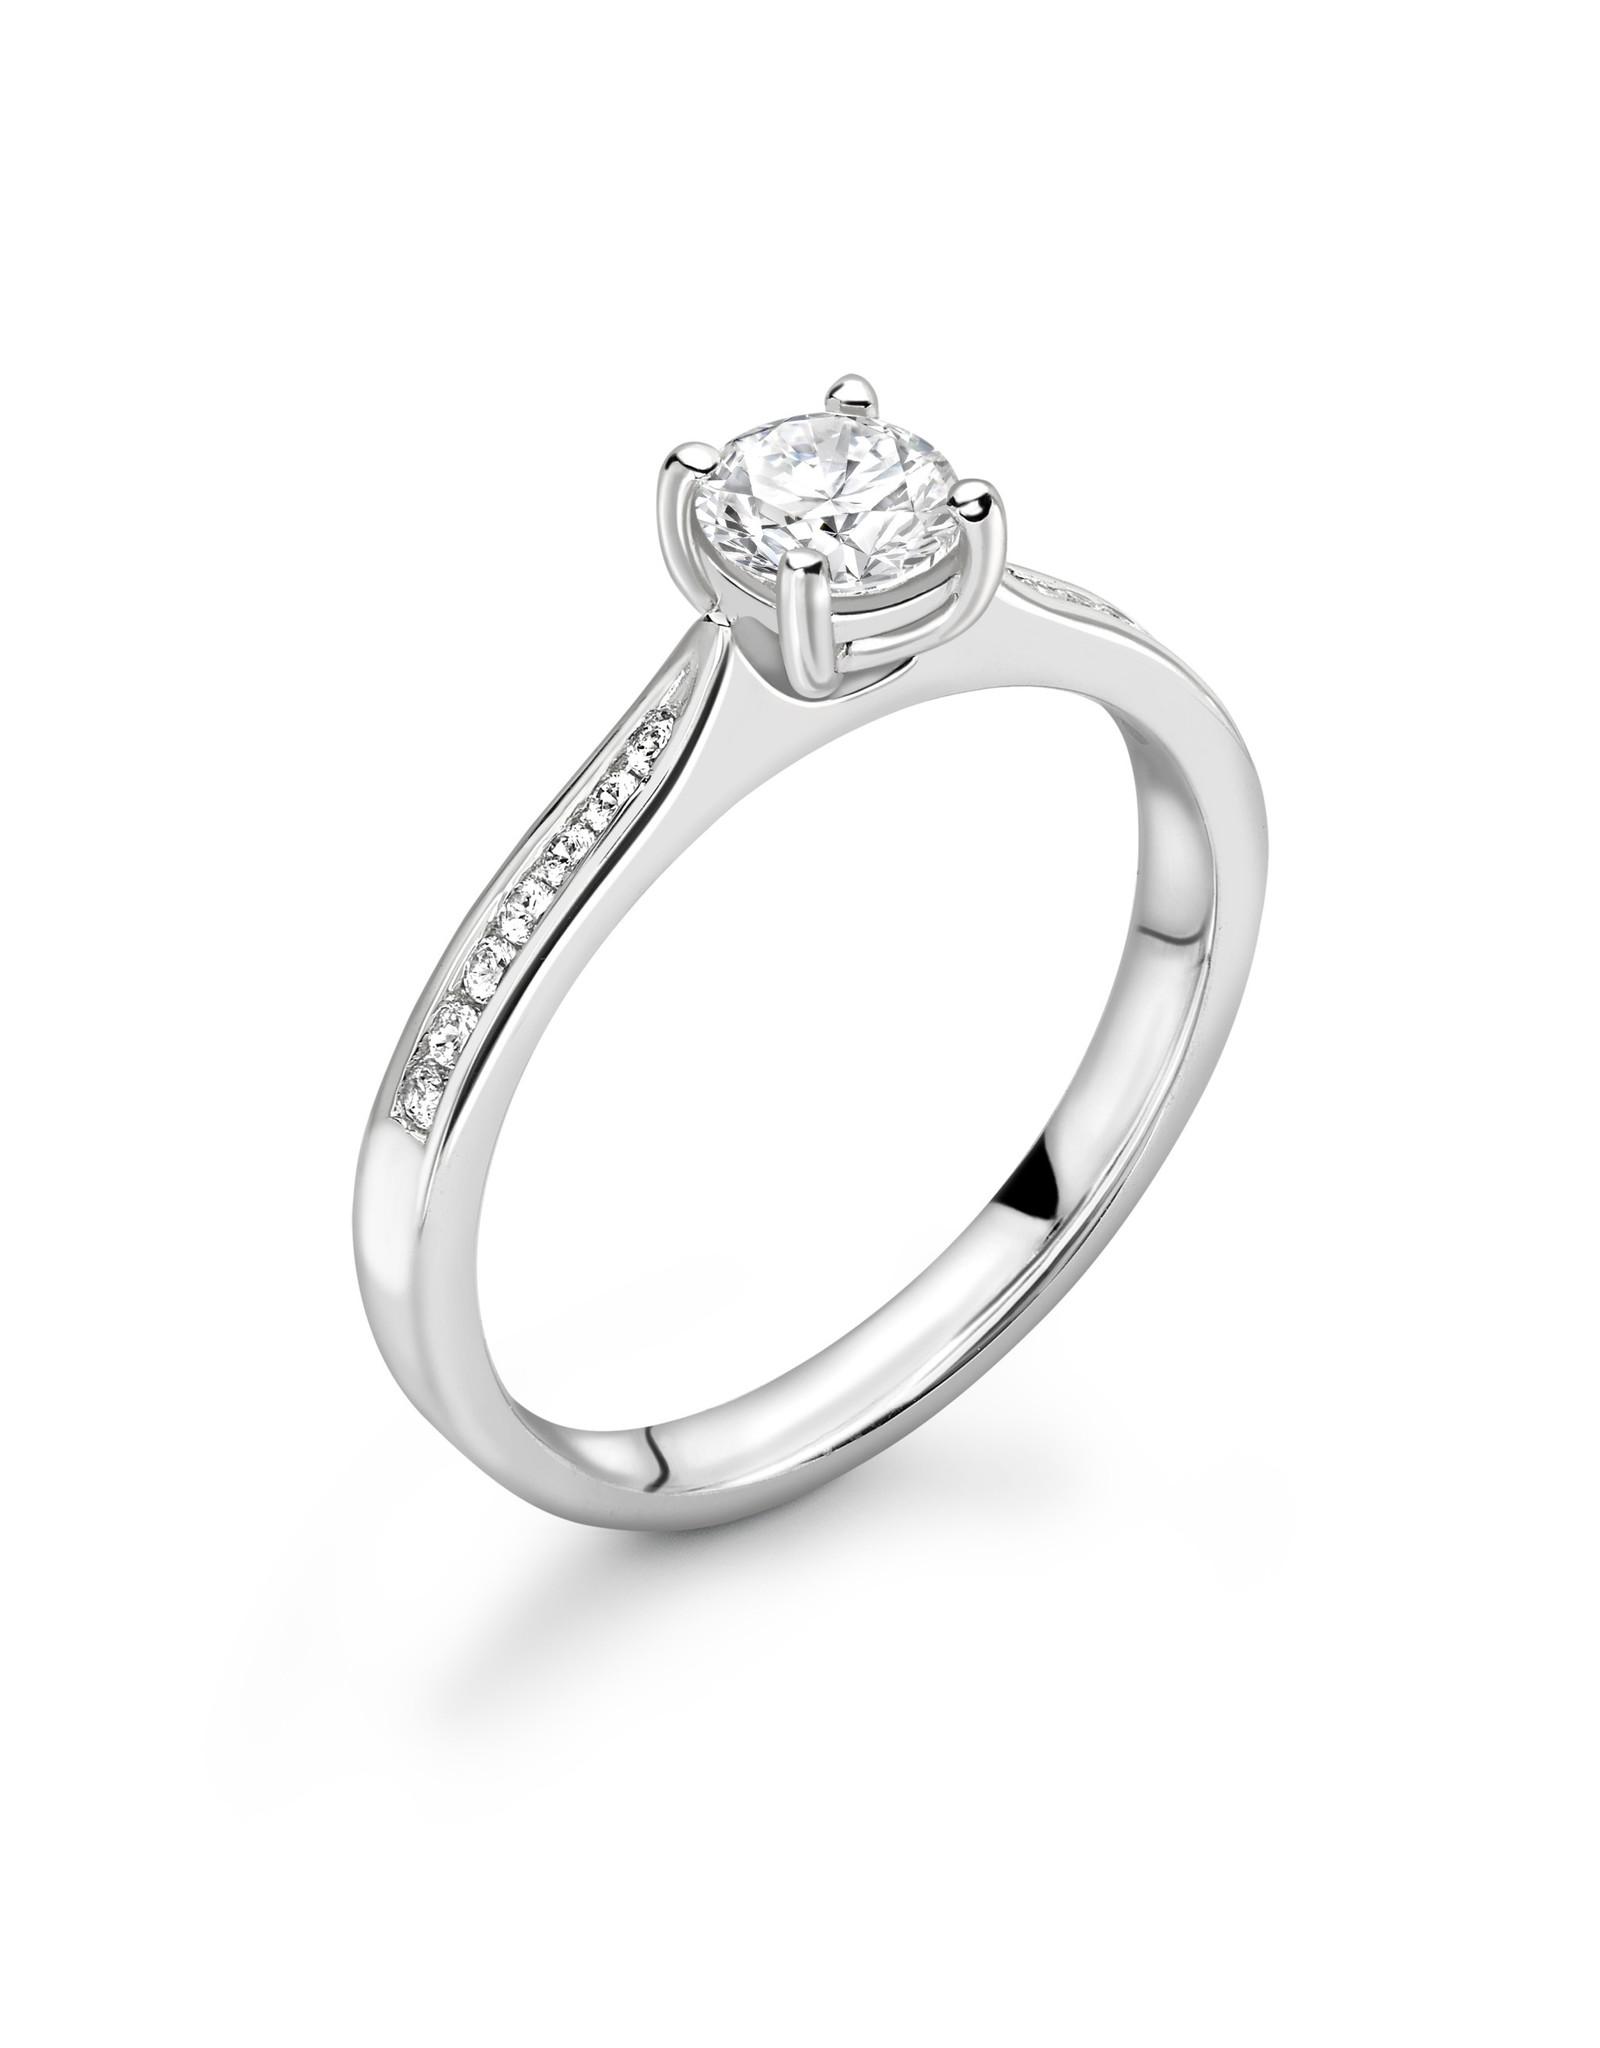 Verlovingsring Met Zijsteentjes LVNRX3090